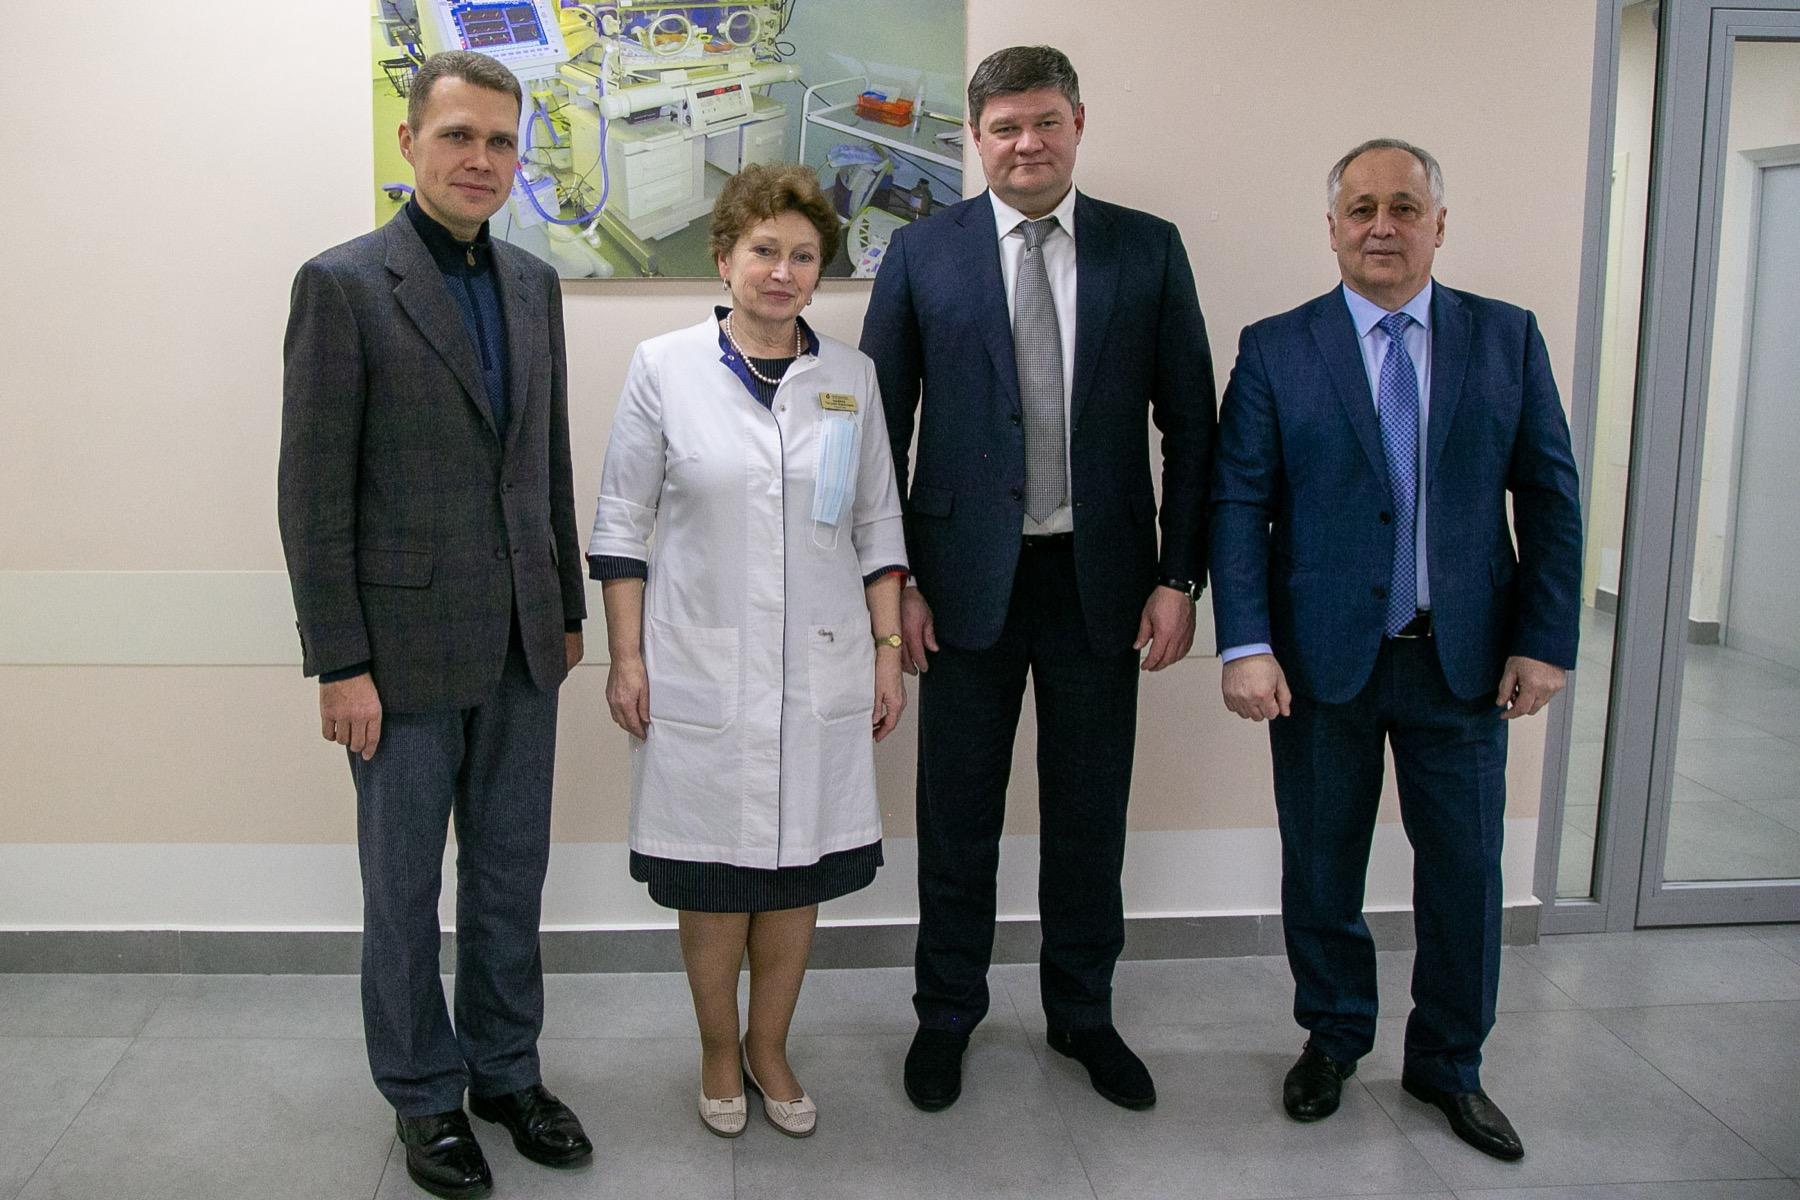 Коломна, Первый зампред председателя Мособлдумы и глава округа встретились с коллективом Коломенского перинатального центра